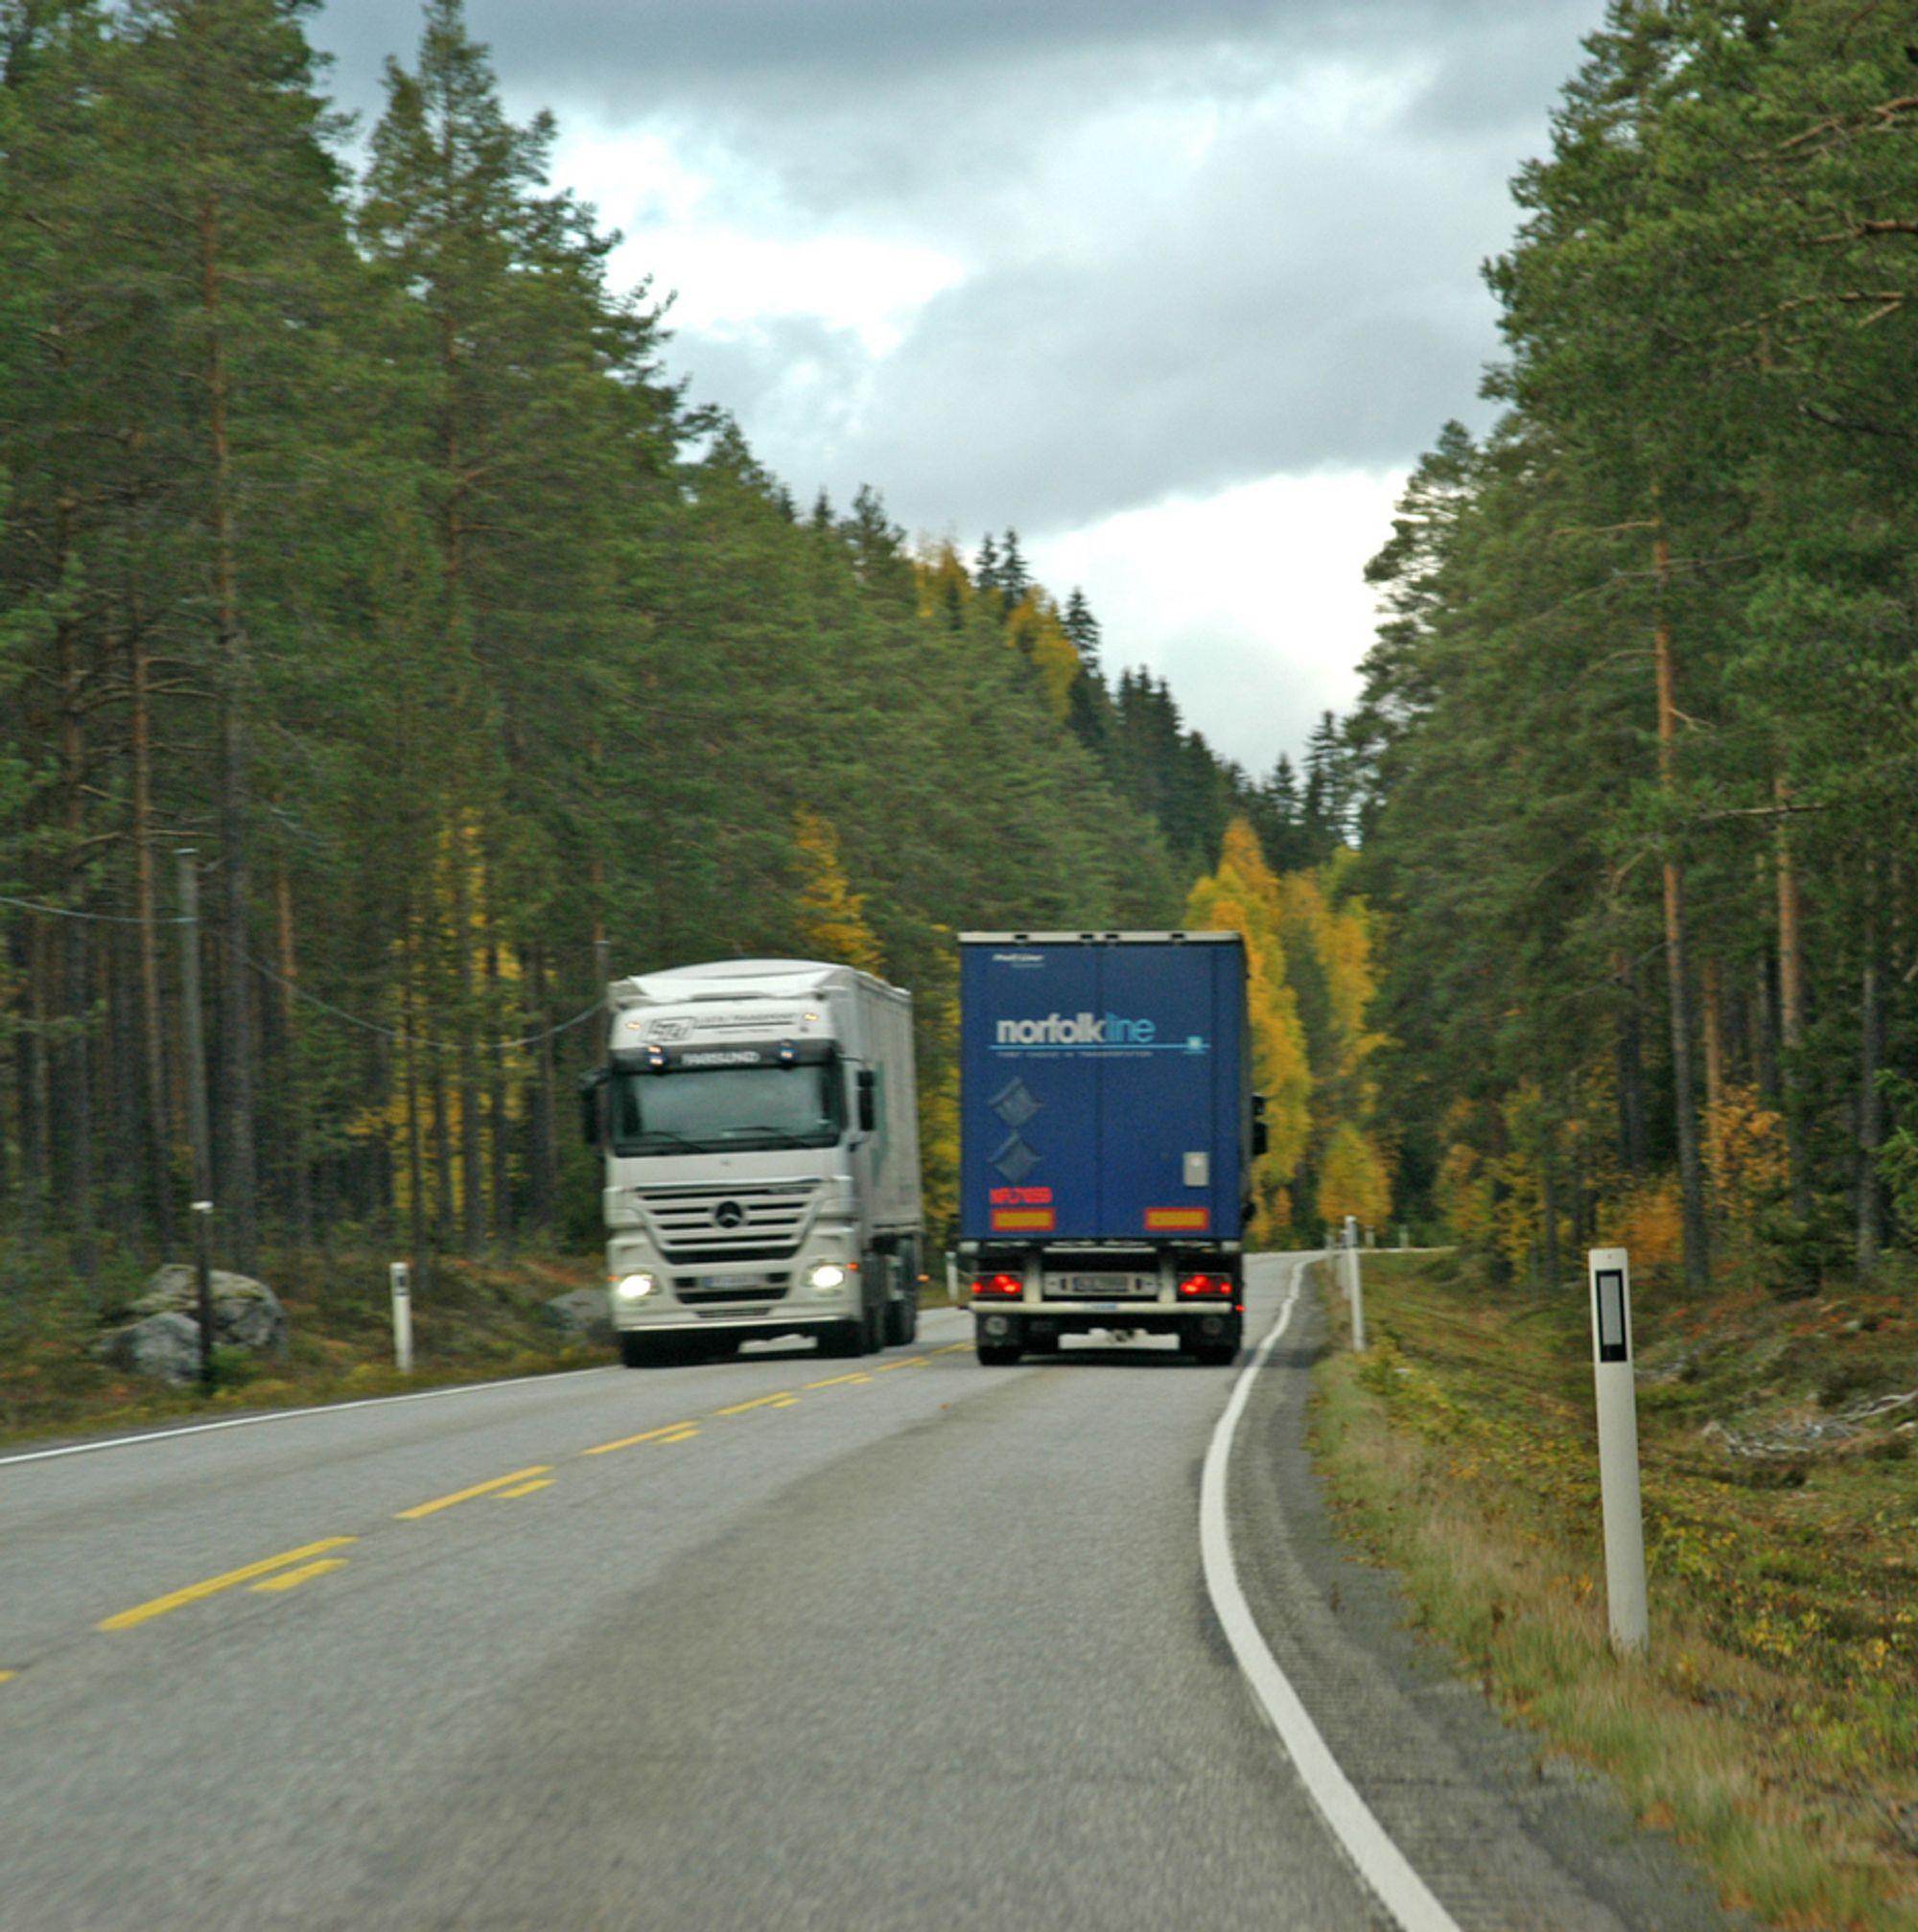 Topografien i Østerdalen er ikke spesielt vanskelig, men riksveg 3 er så smal mange steder at to lastebiler som passerer hverandre, opptar det meste av vegbredden.